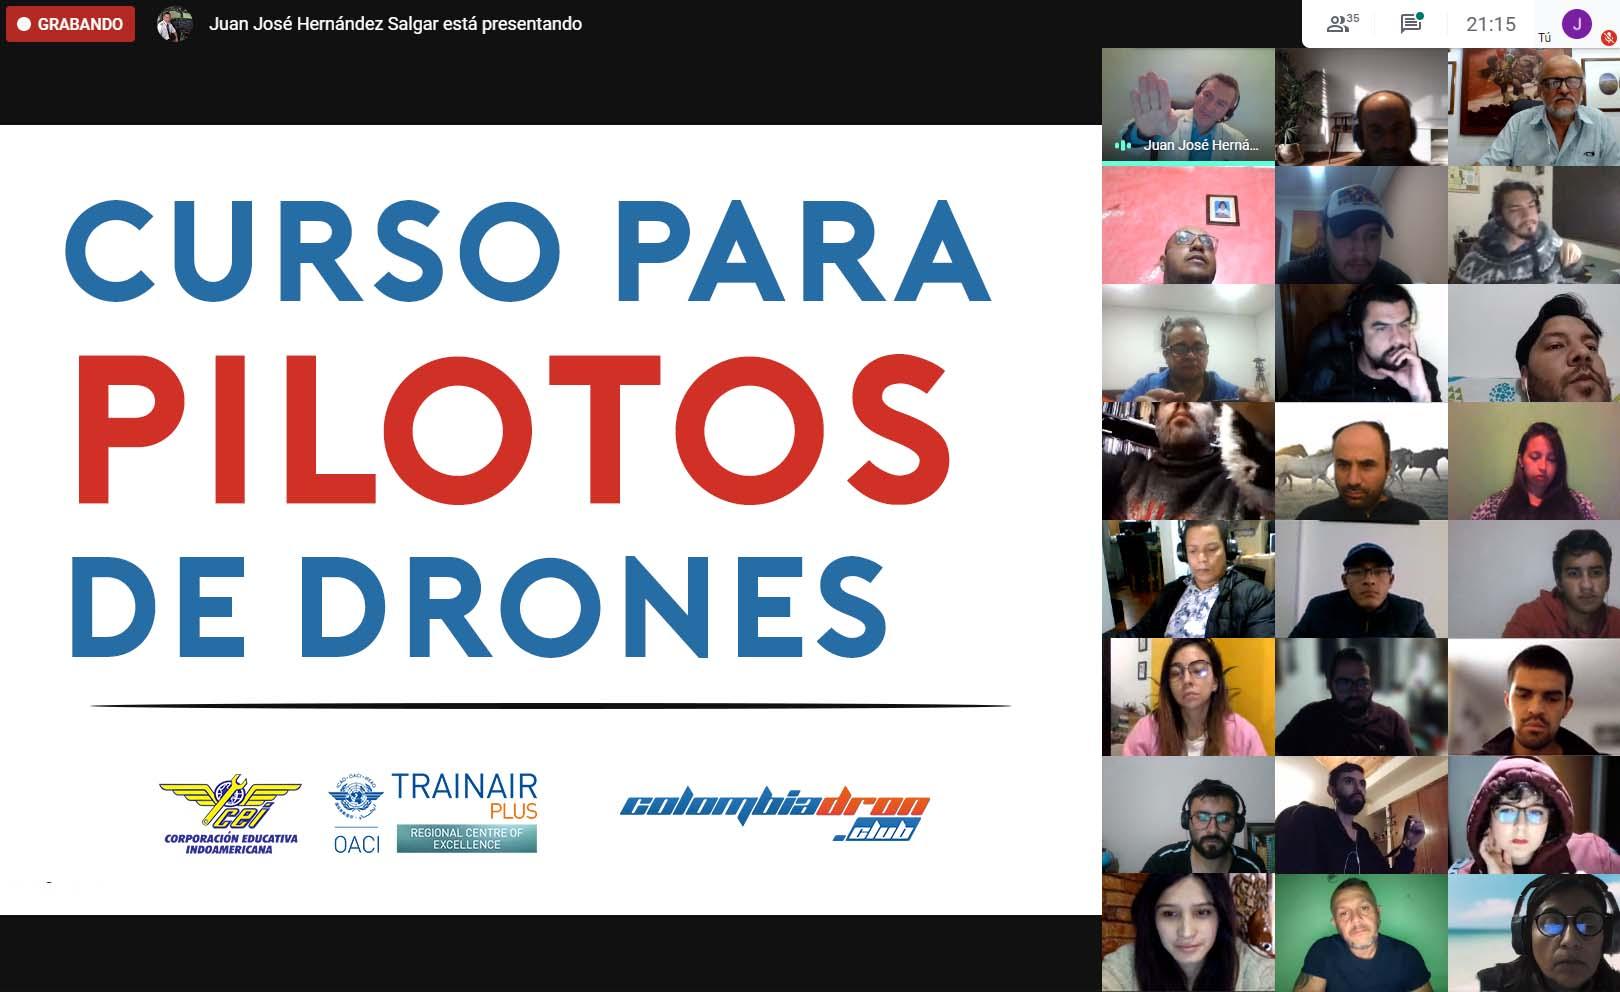 Curso Piloto de Dron en Colombia